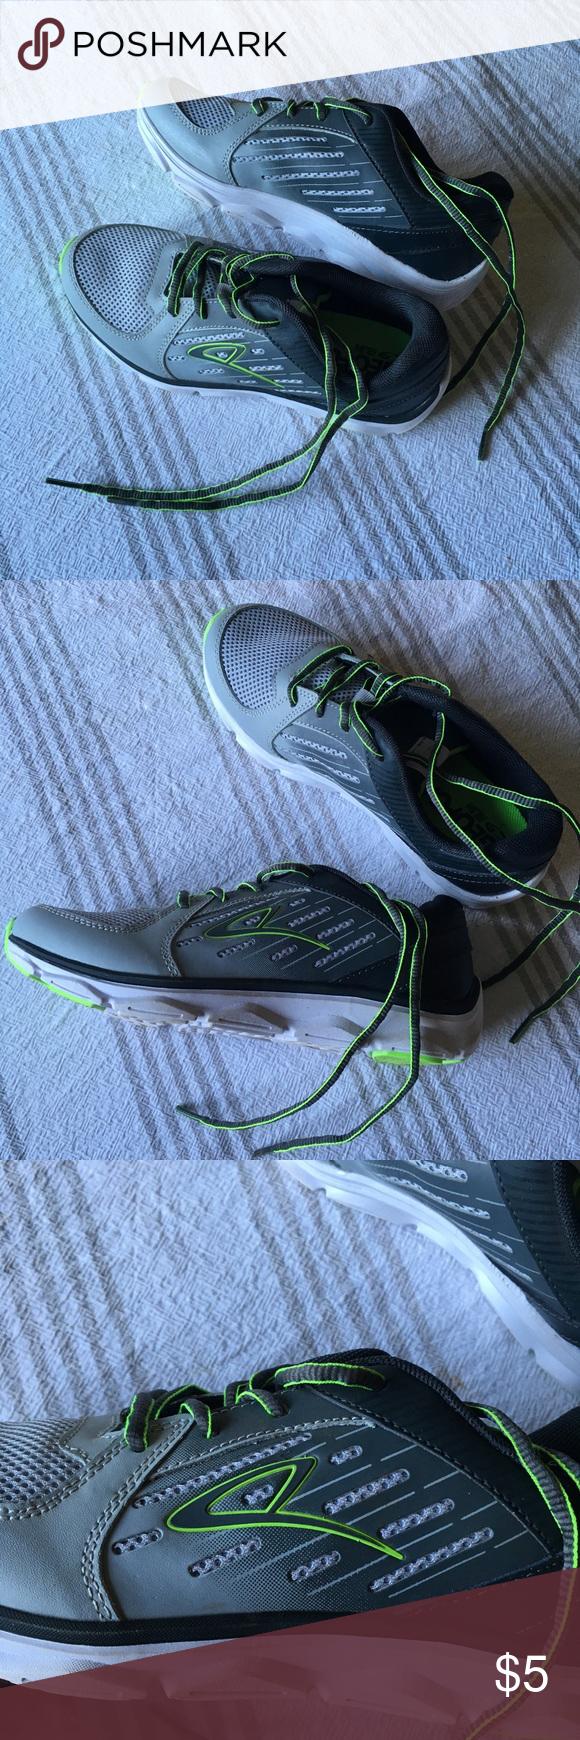 4e8dd9d21e7de Boy s Champion sneaker tennis shoes size 4 Champion Green